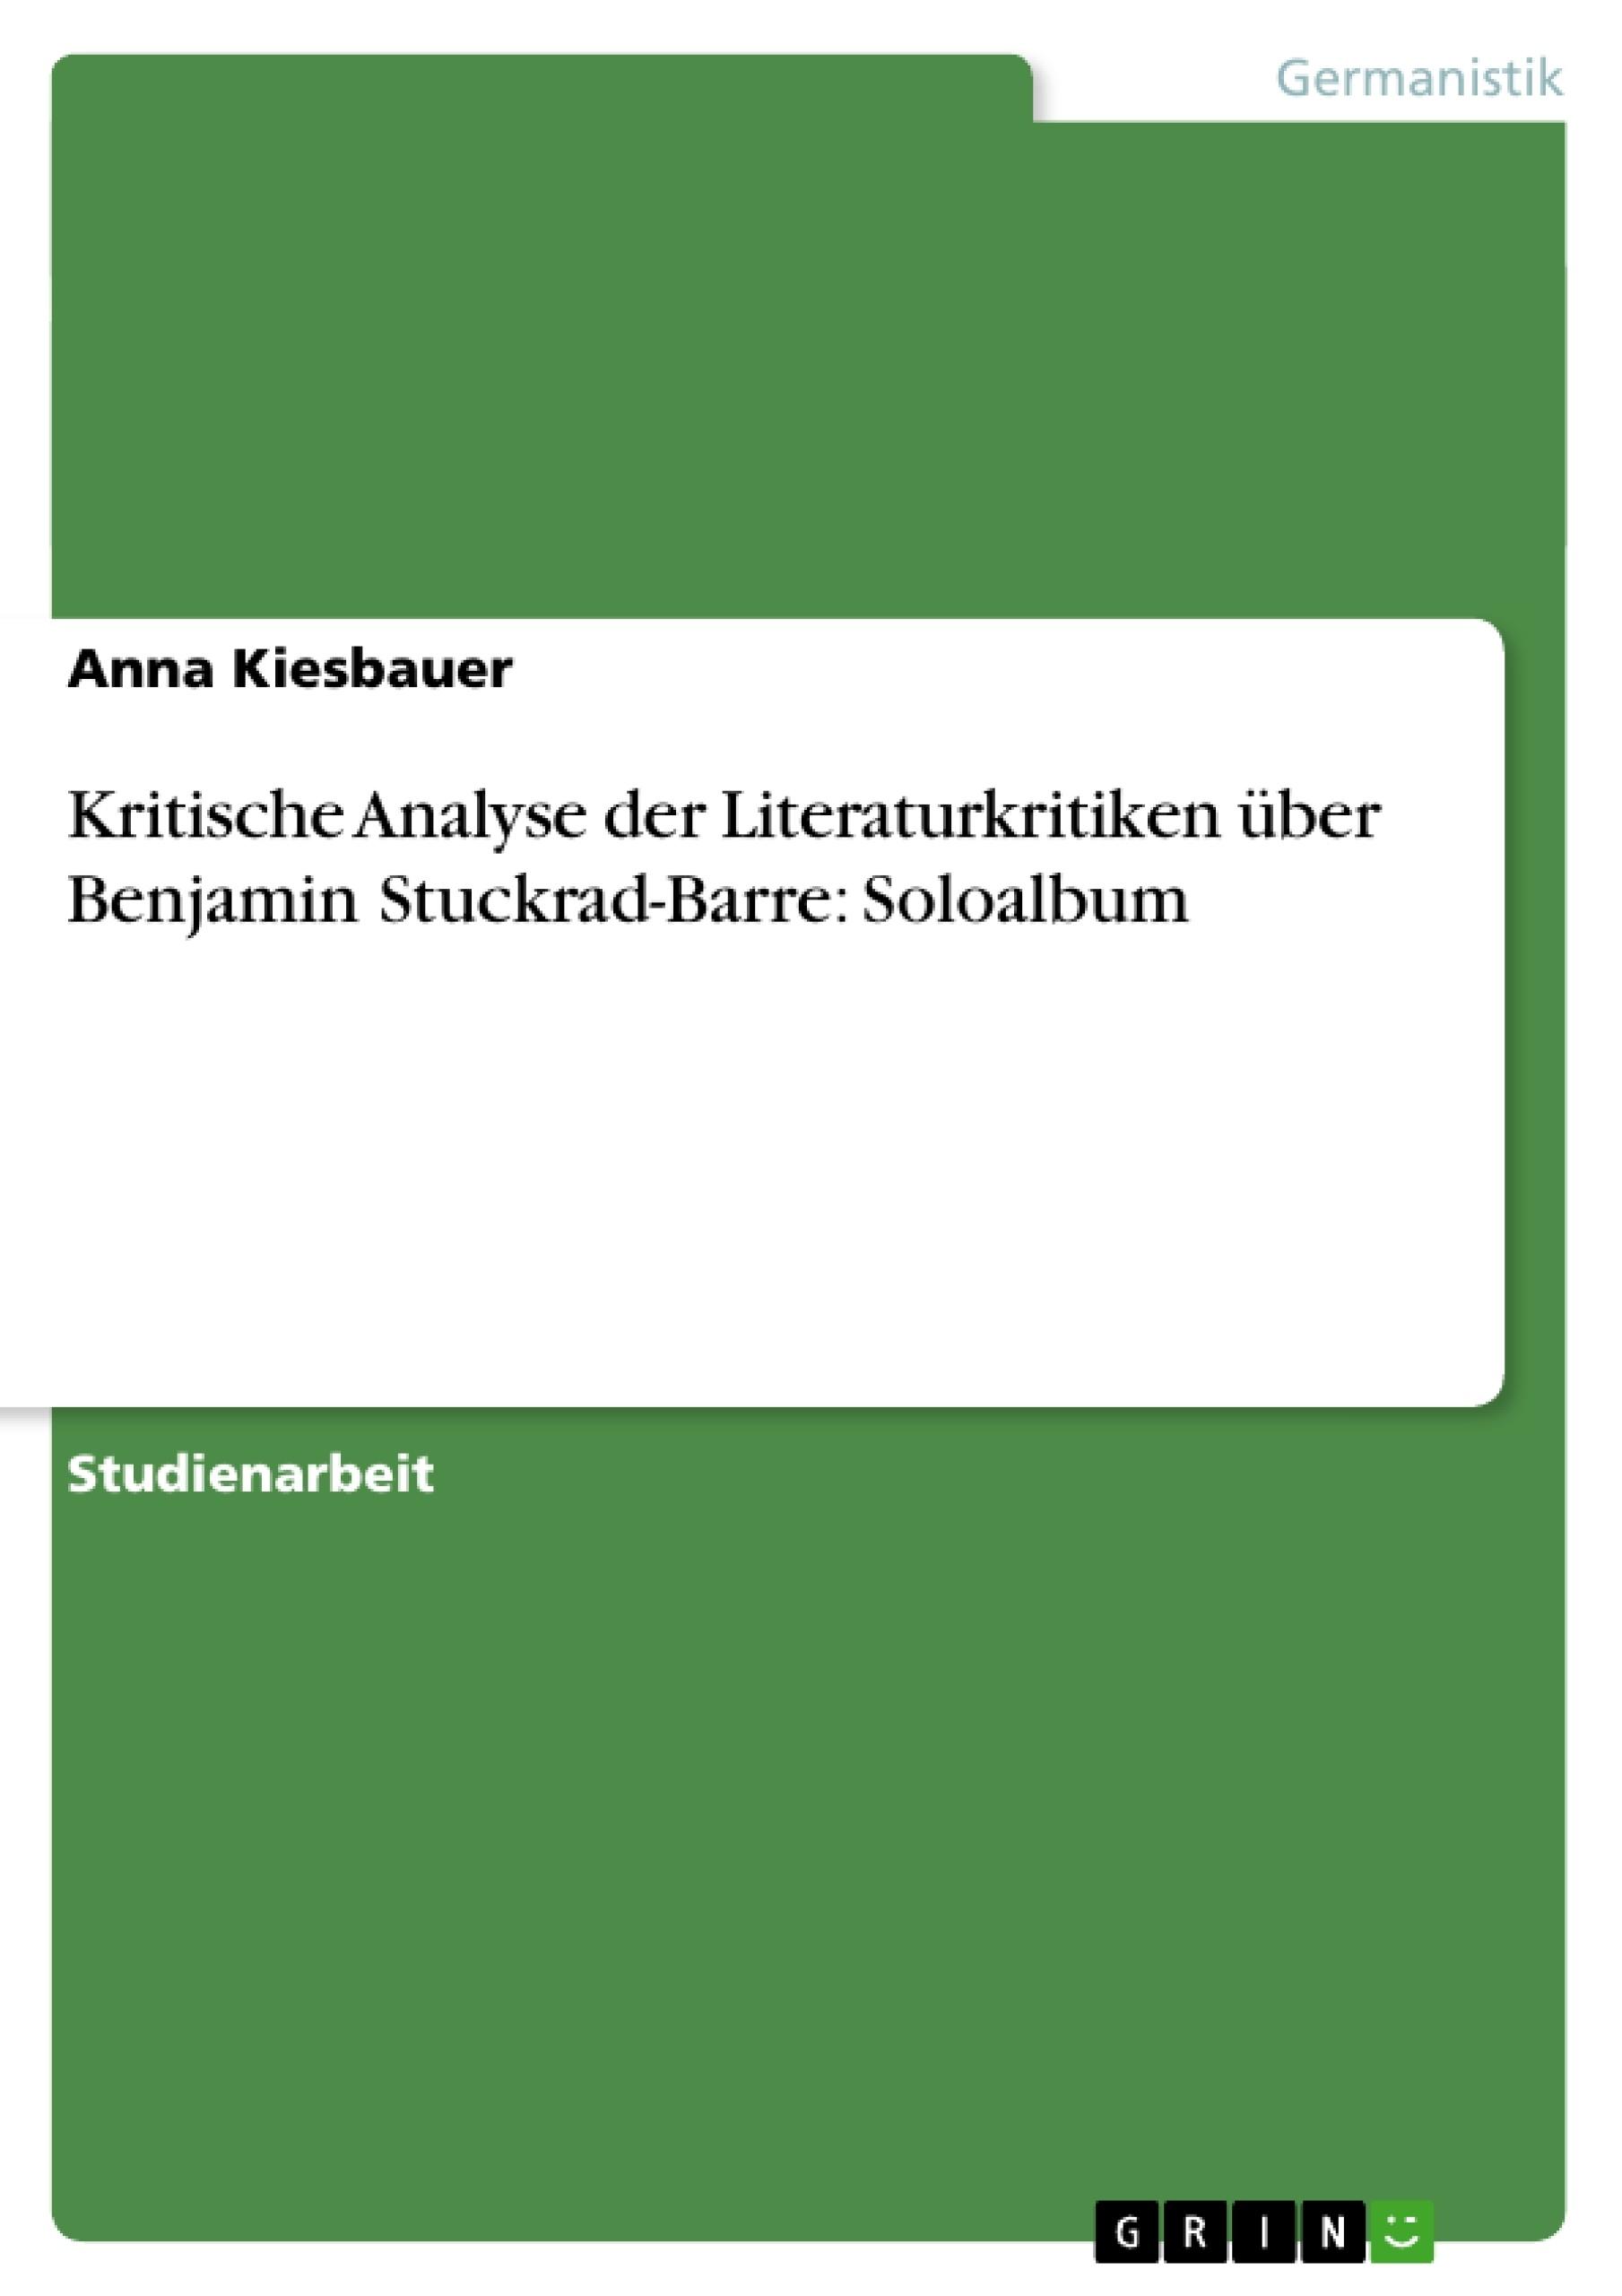 Titel: Kritische Analyse der Literaturkritiken über Benjamin Stuckrad-Barre: Soloalbum